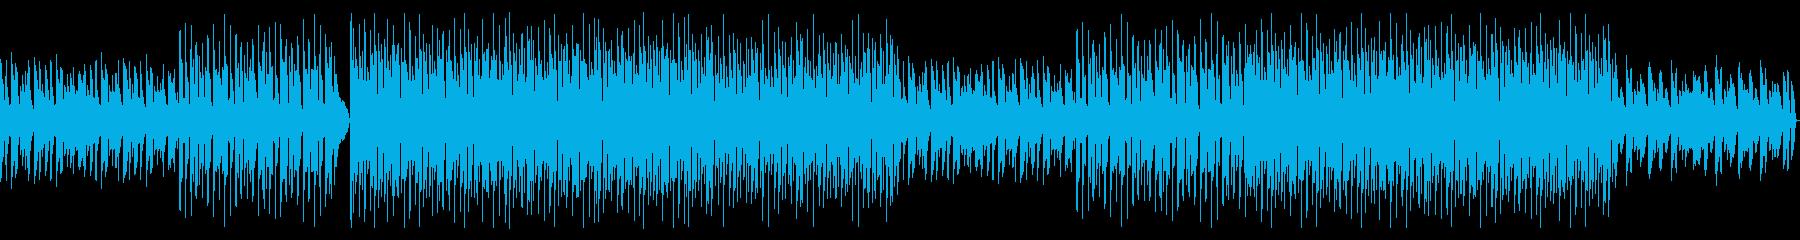 シンバル無しver 爽やかエレピ・電子系の再生済みの波形